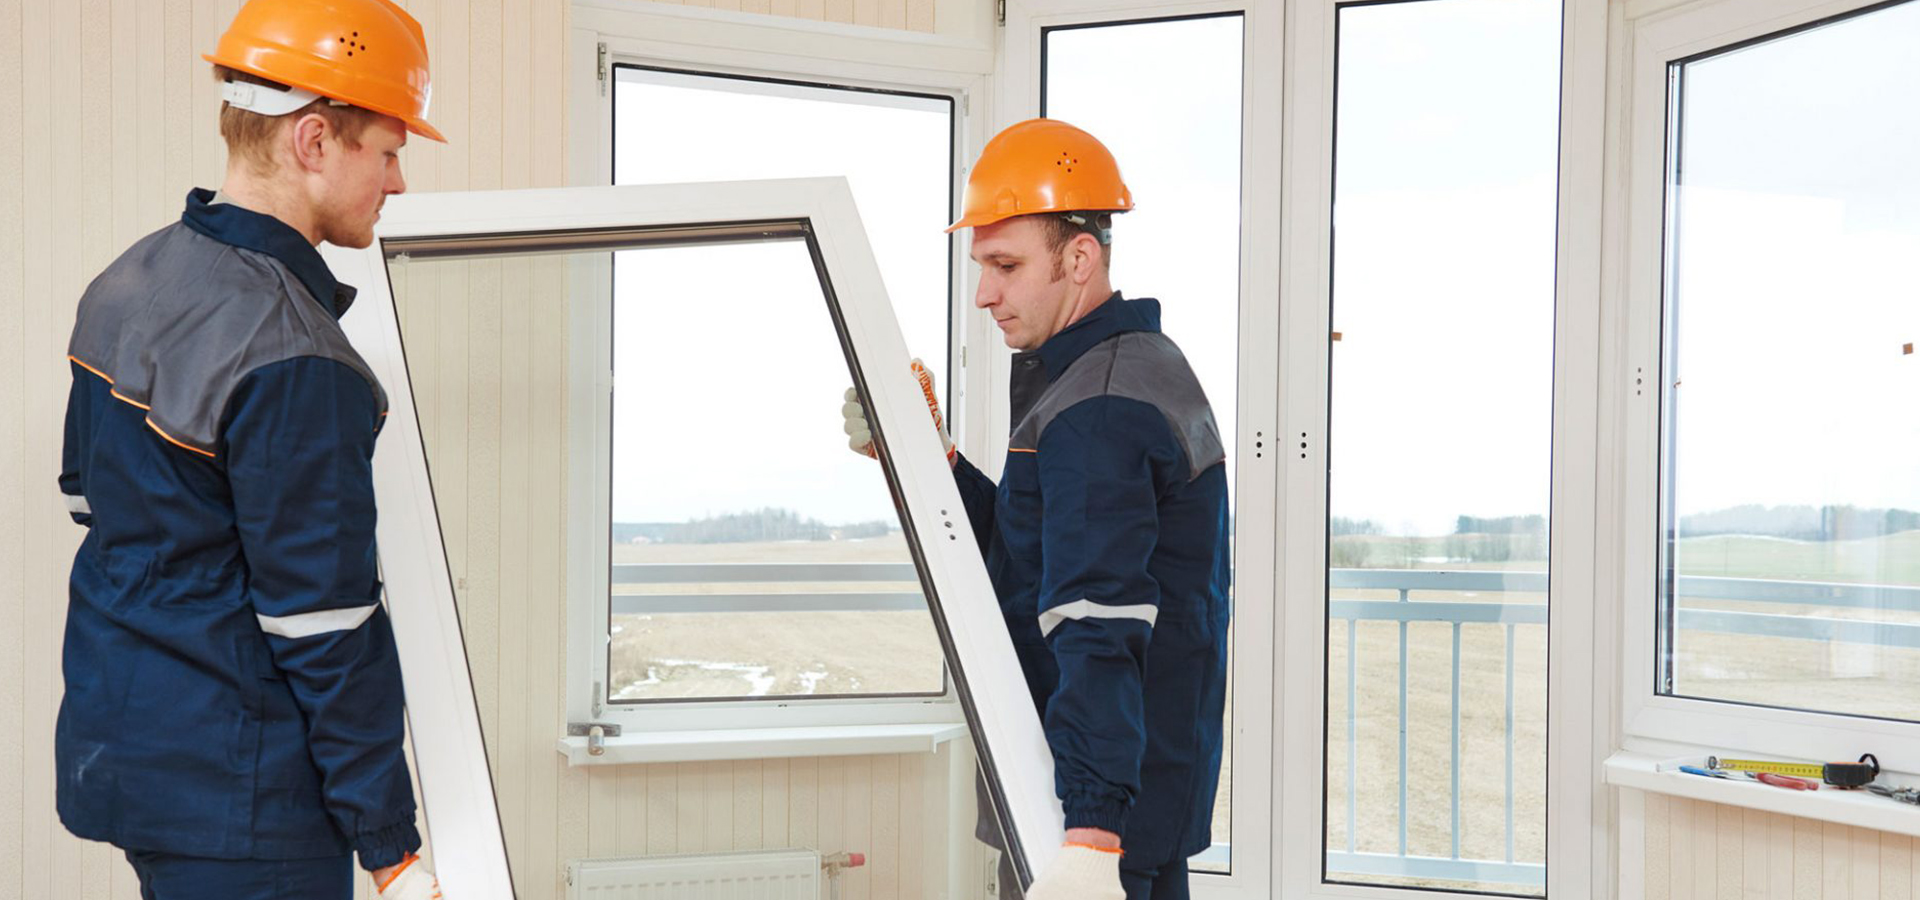 Window glazing installation